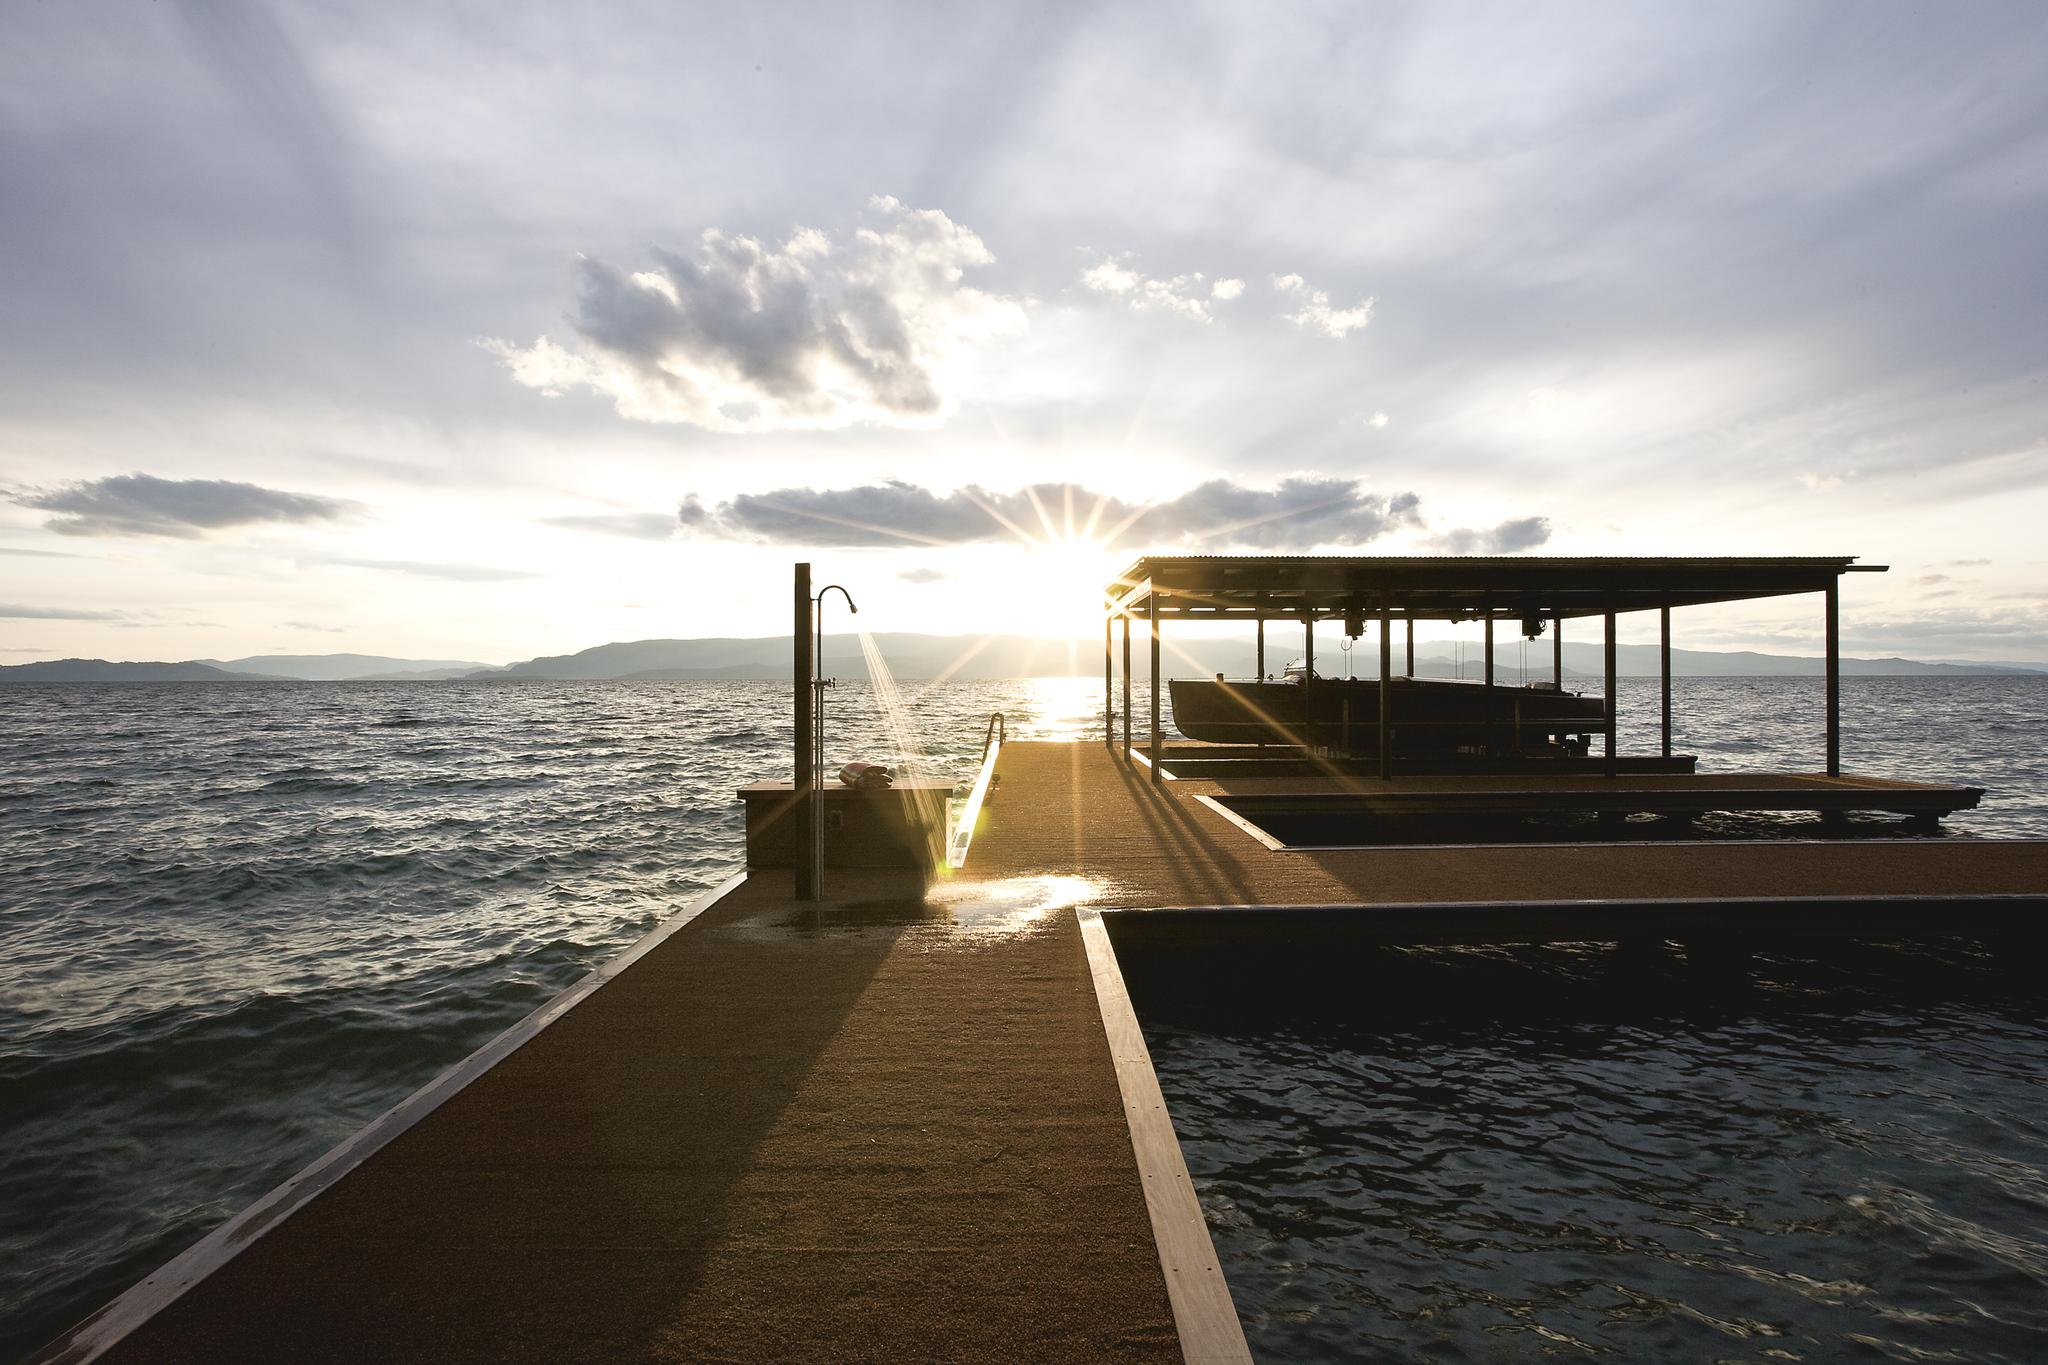 Sunset Boat Dock